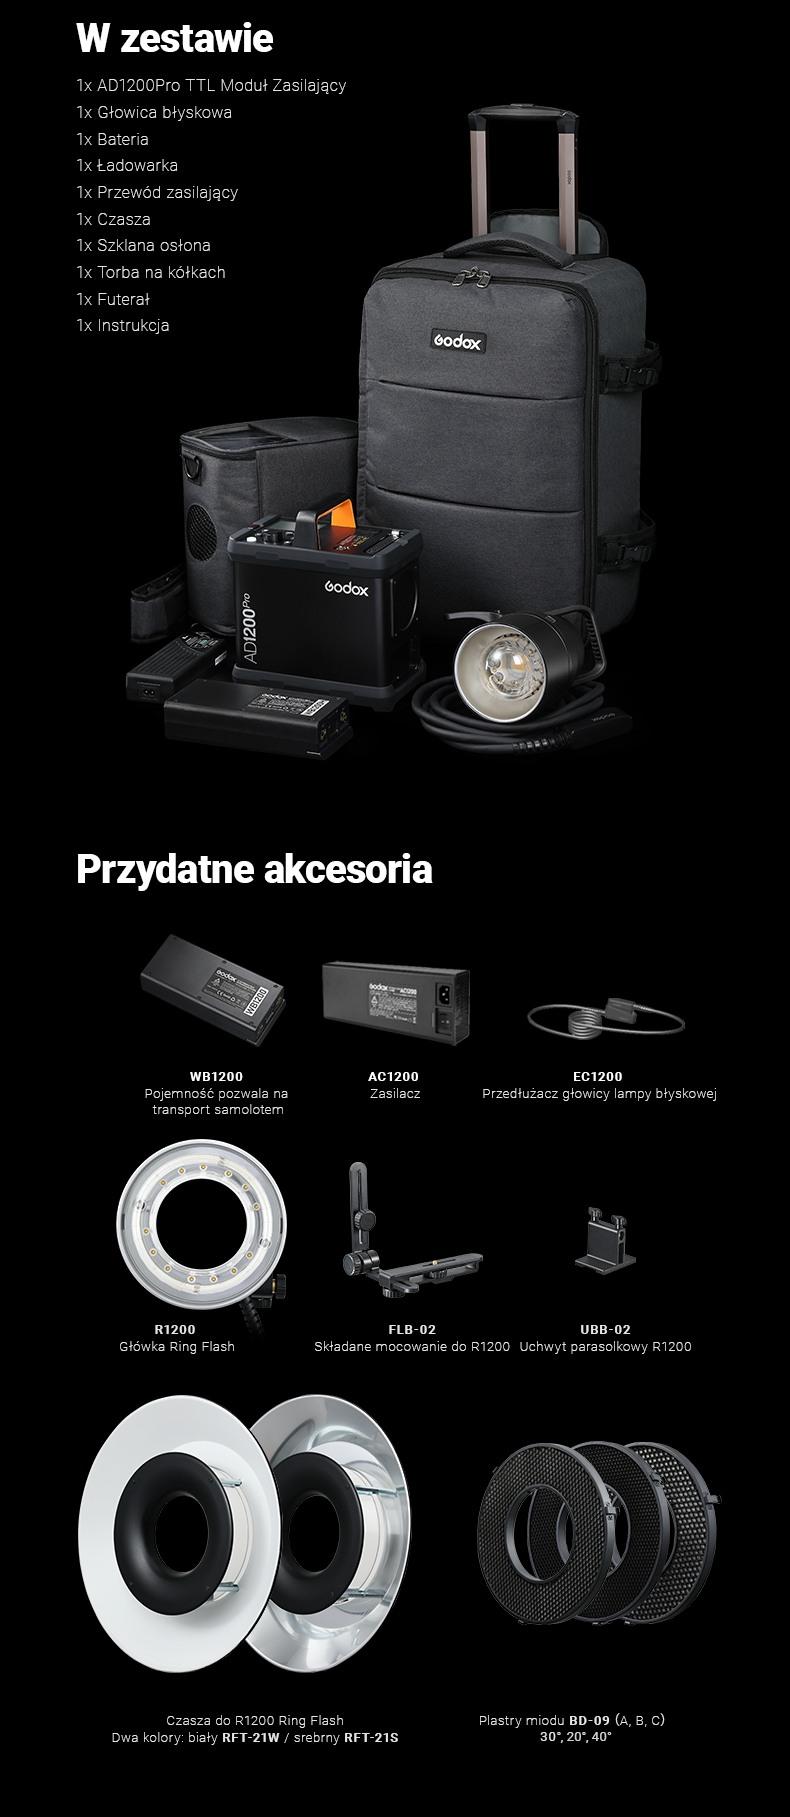 Godox 1200Pro Kit zestaw z power packiem. Co znajduje się w zestawie i przydatne akcesoria. Akumulatory\baterie W1200H, Ring flash, beauty dish.